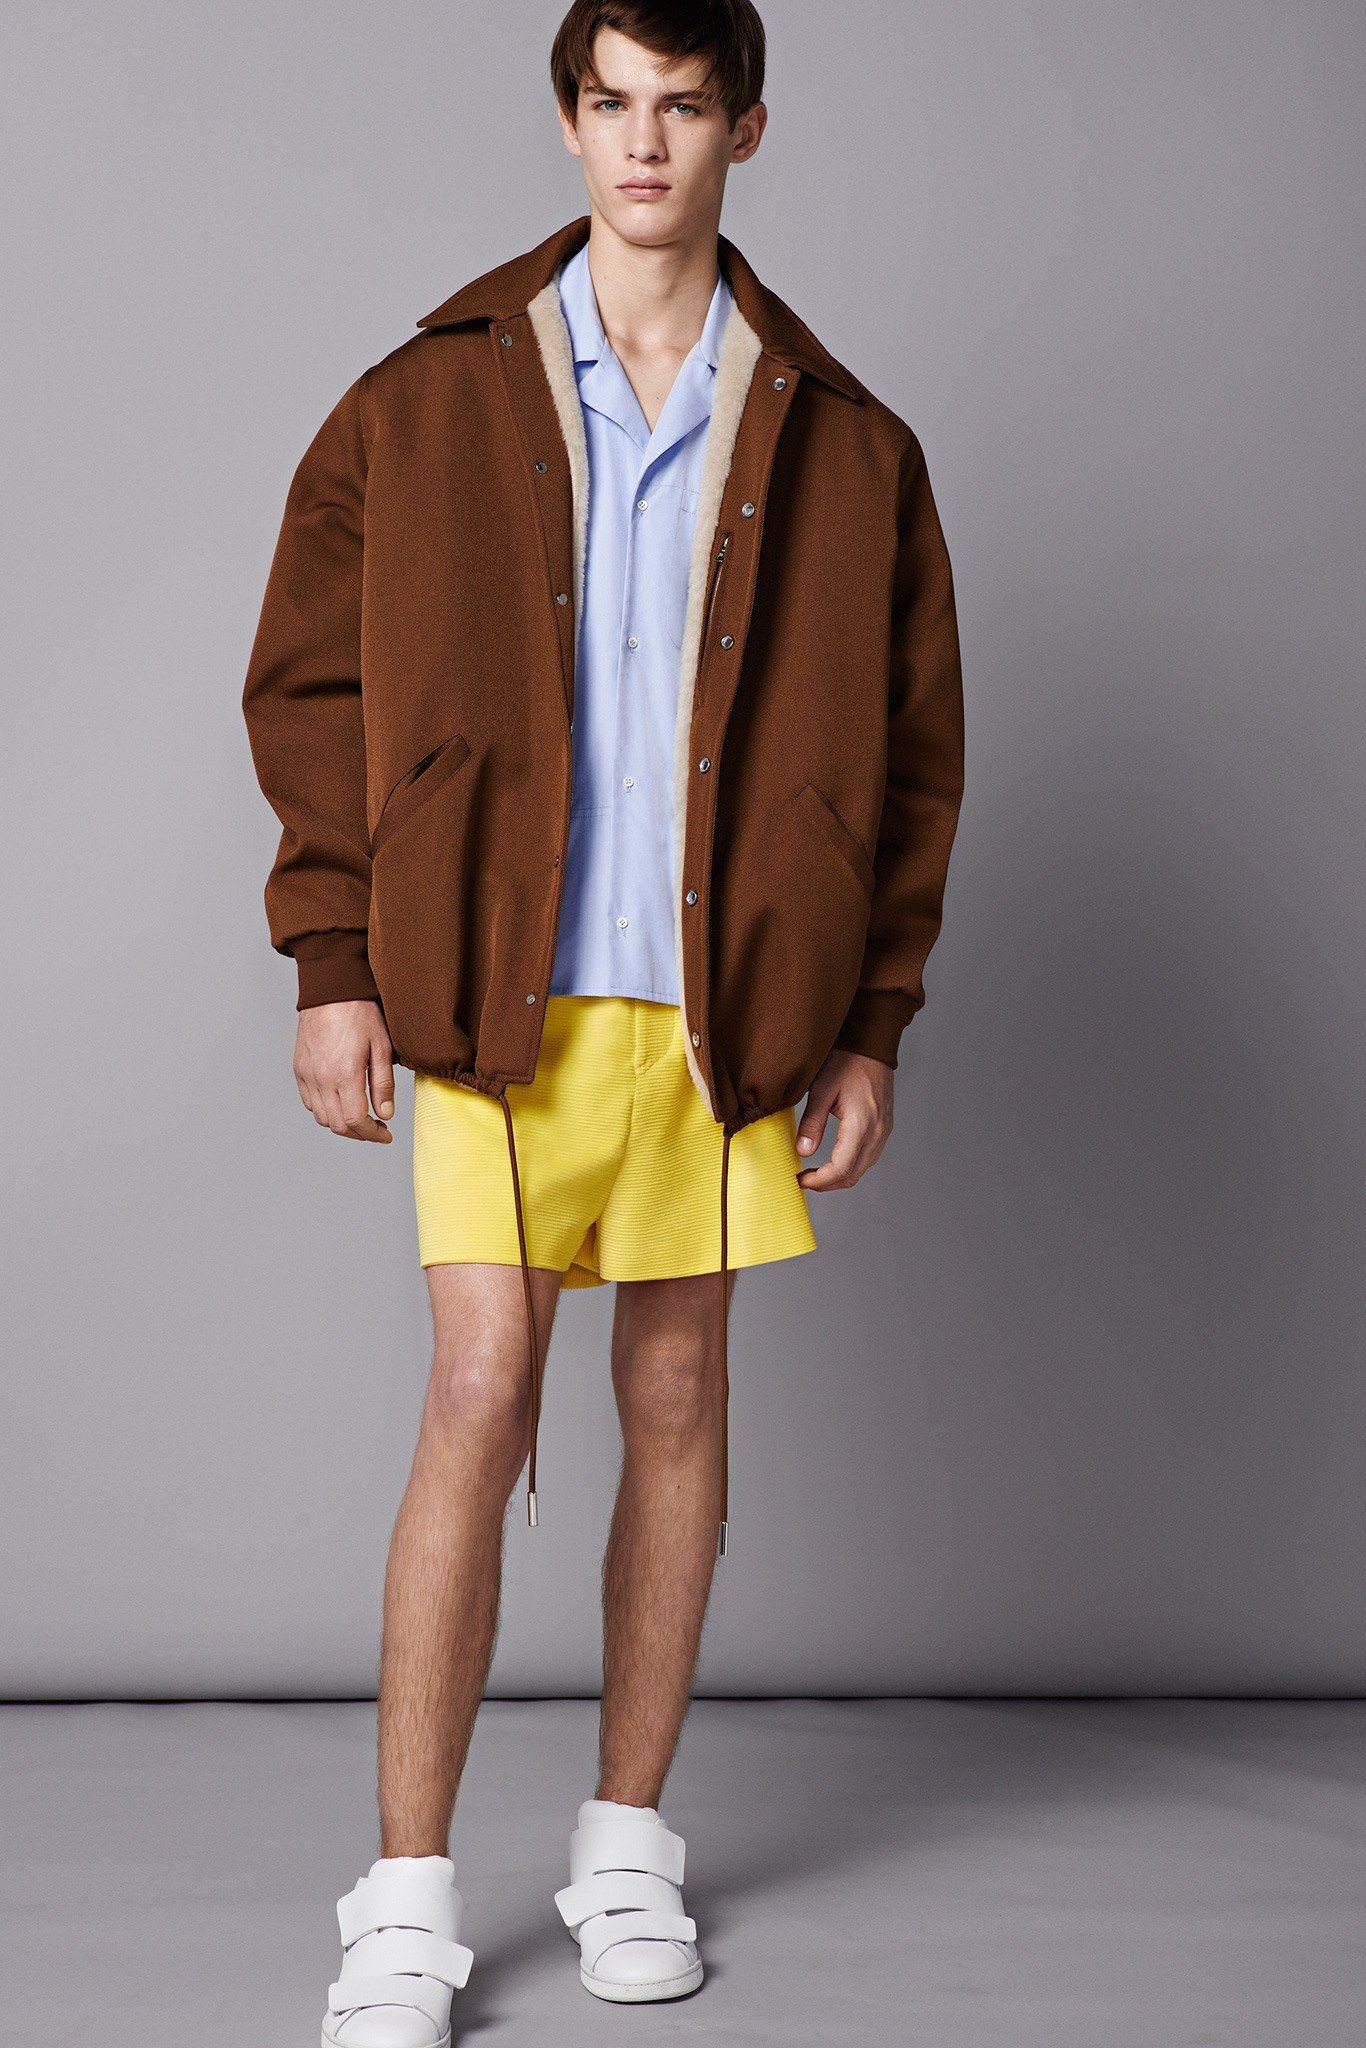 Acne Studios Spring 2015 Menswear Collection Photos - Vogue